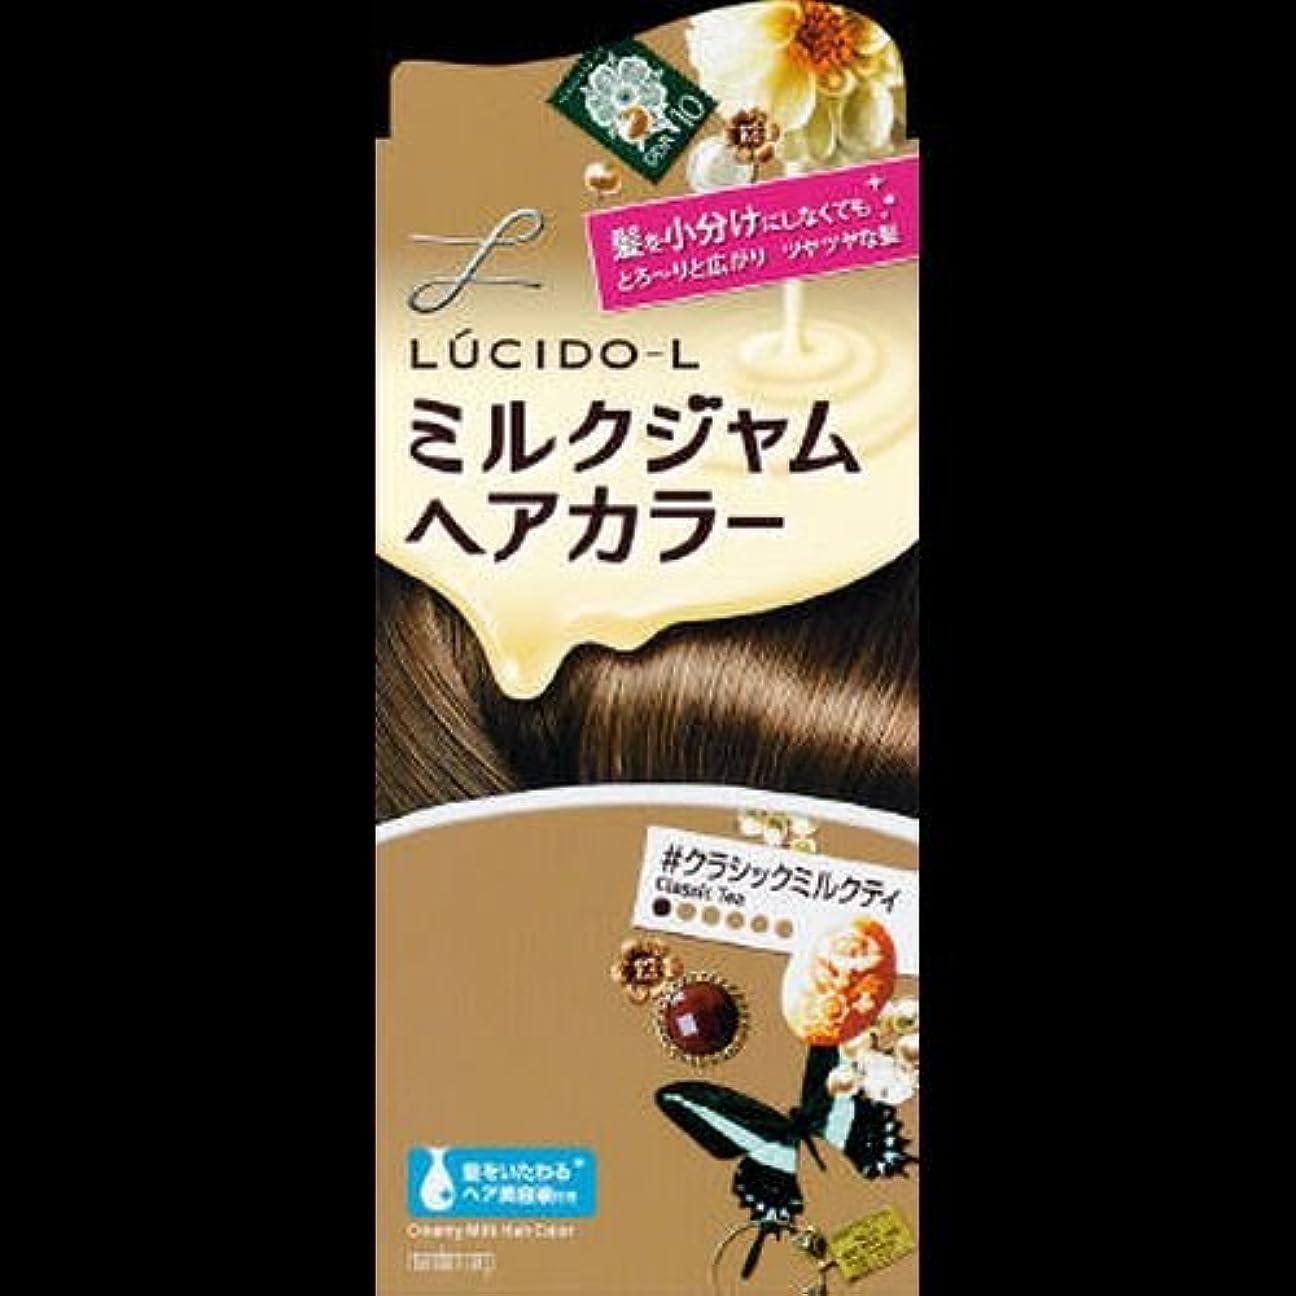 巨大な認可ふざけた【まとめ買い】ルシードエル ミルクジャムヘアカラー クラシックミルクティ ×2セット